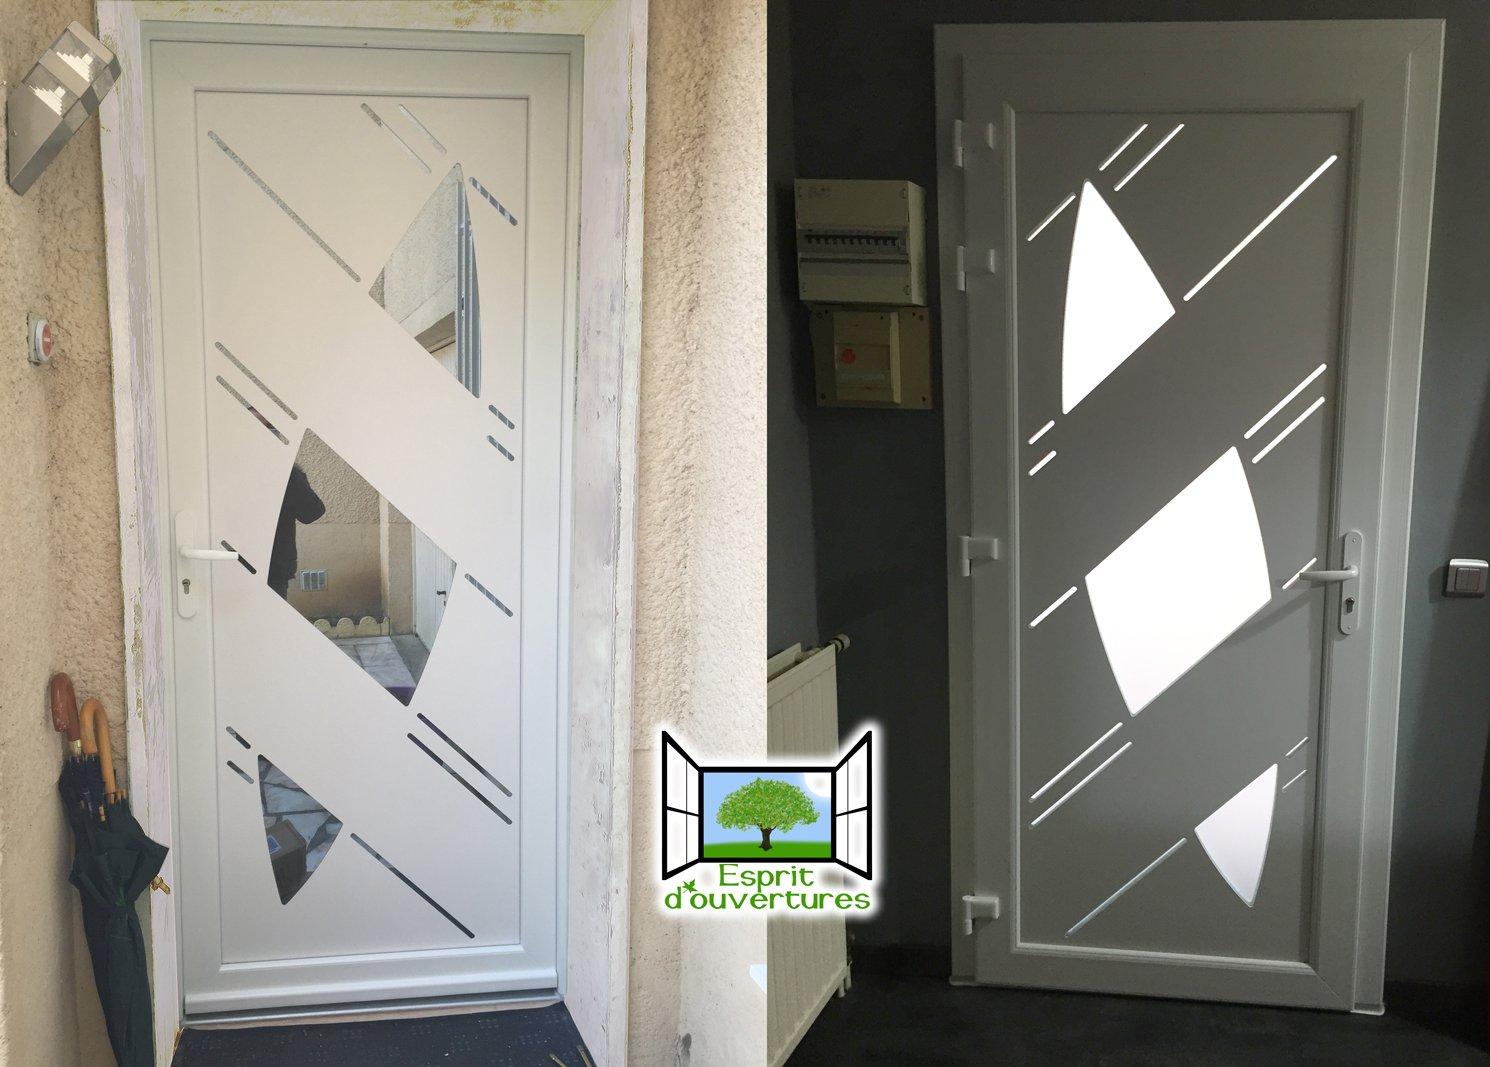 Esprit d'ouvertures Porte d'entrée PVC design antellio paumelles hahn devis prix seuil alu